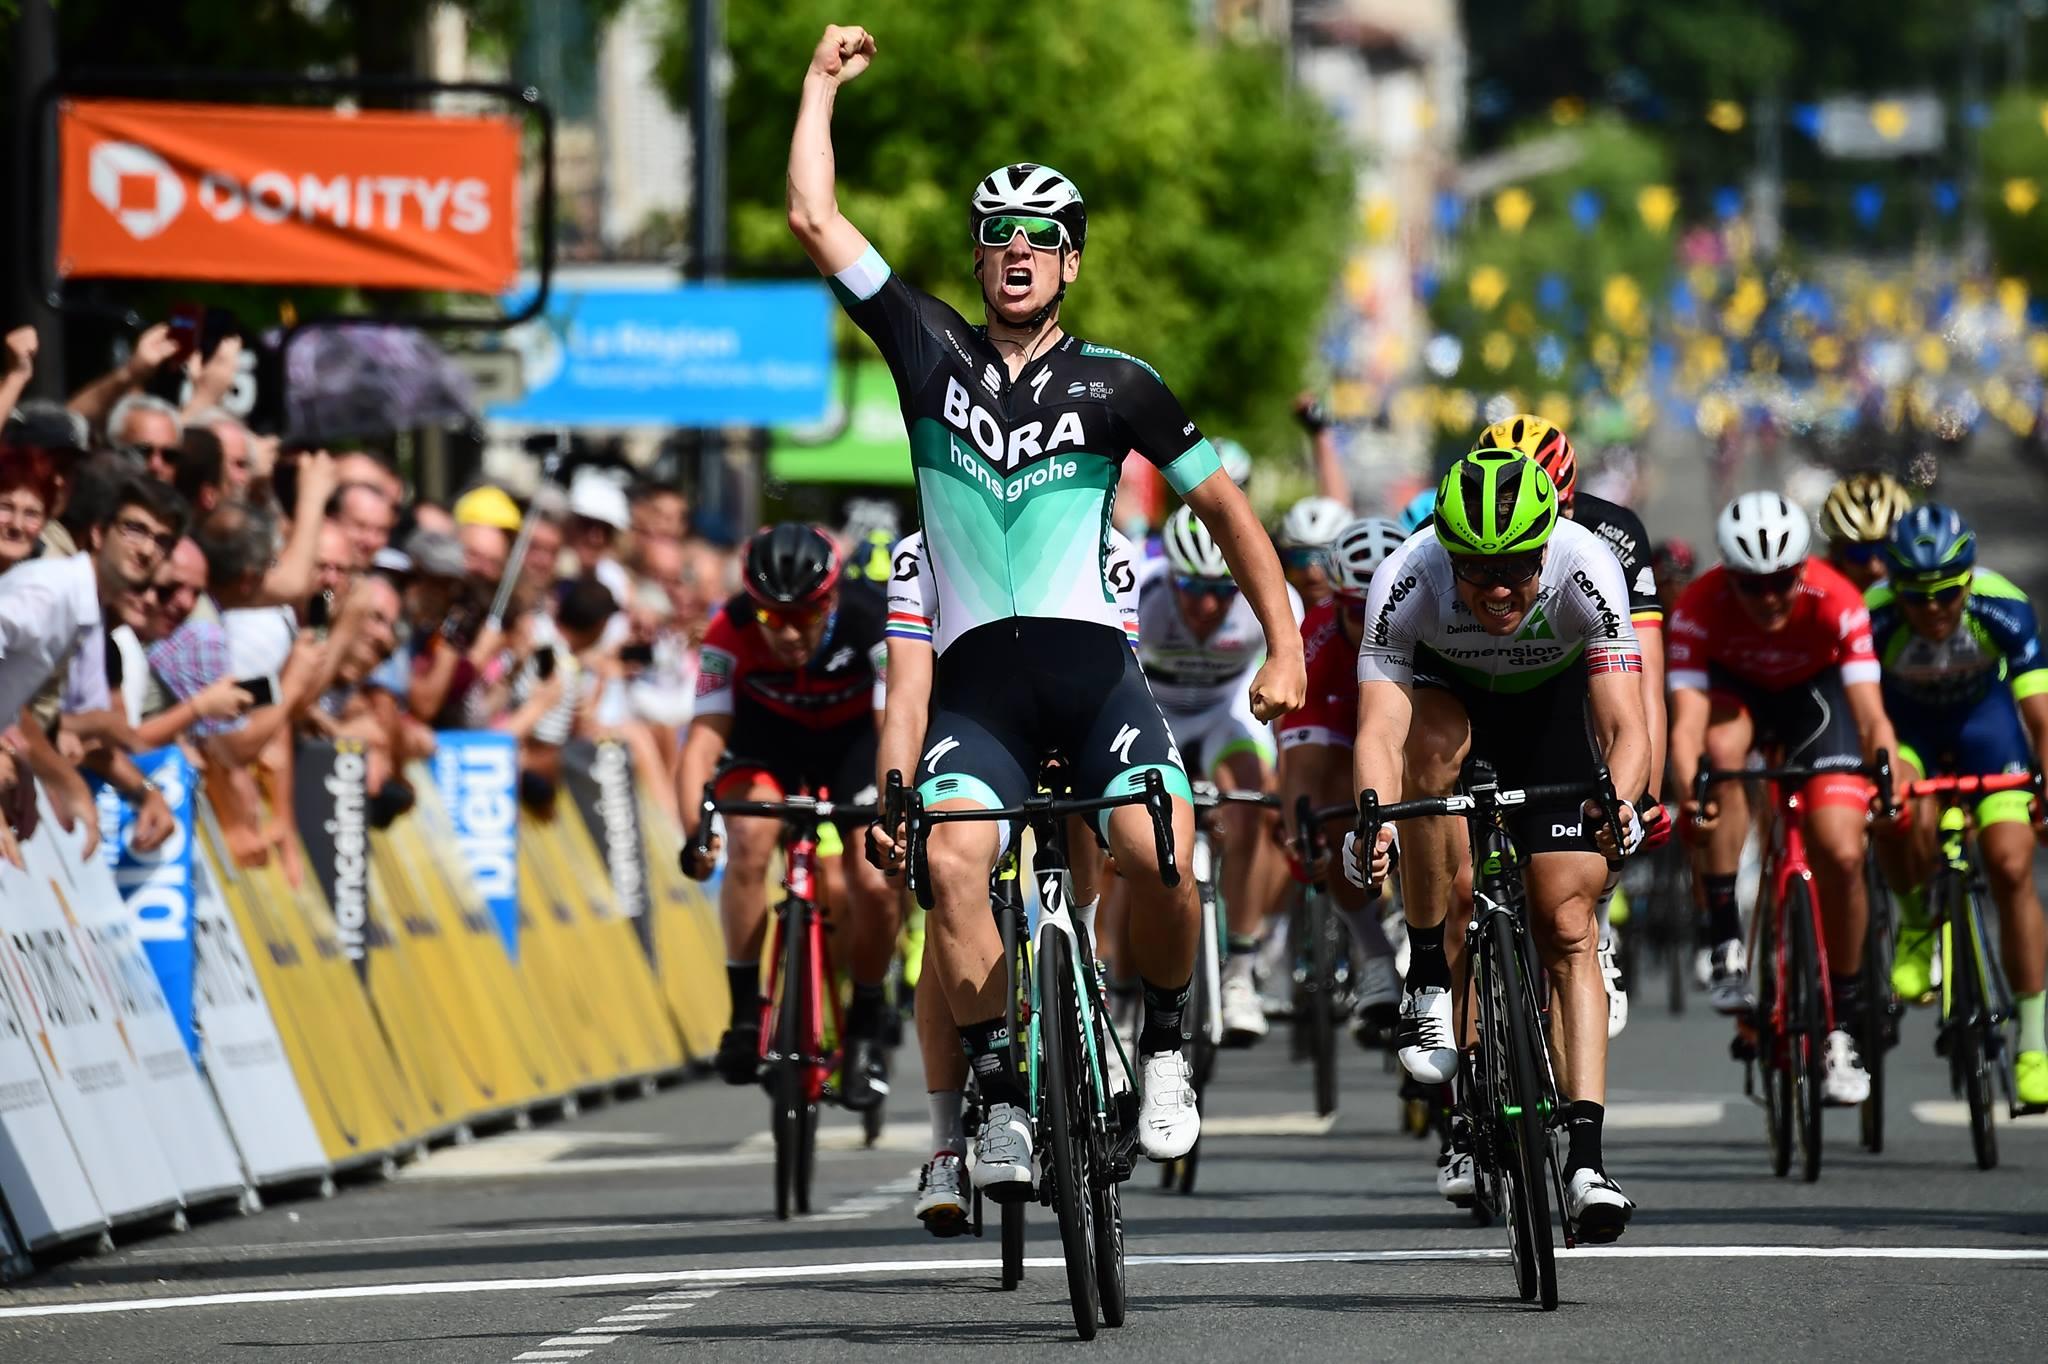 Pascal Ackermann vince la seconda tappa del Critérium du Dauphiné 2018